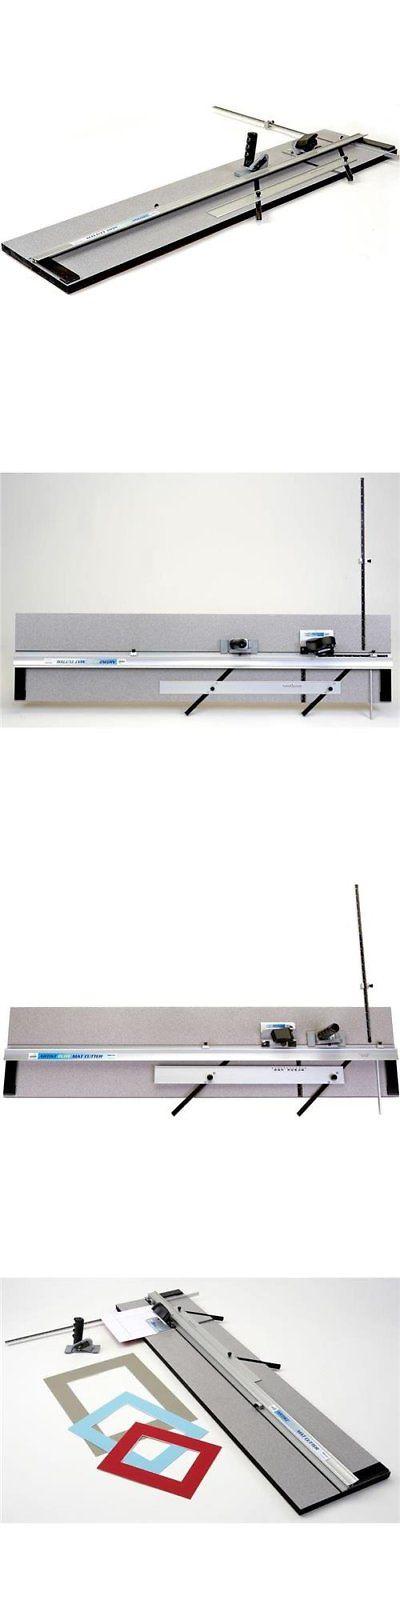 Mat Cutting Tools and Supplies 37574: Mat Artist 450 1 Cutter Elite ...